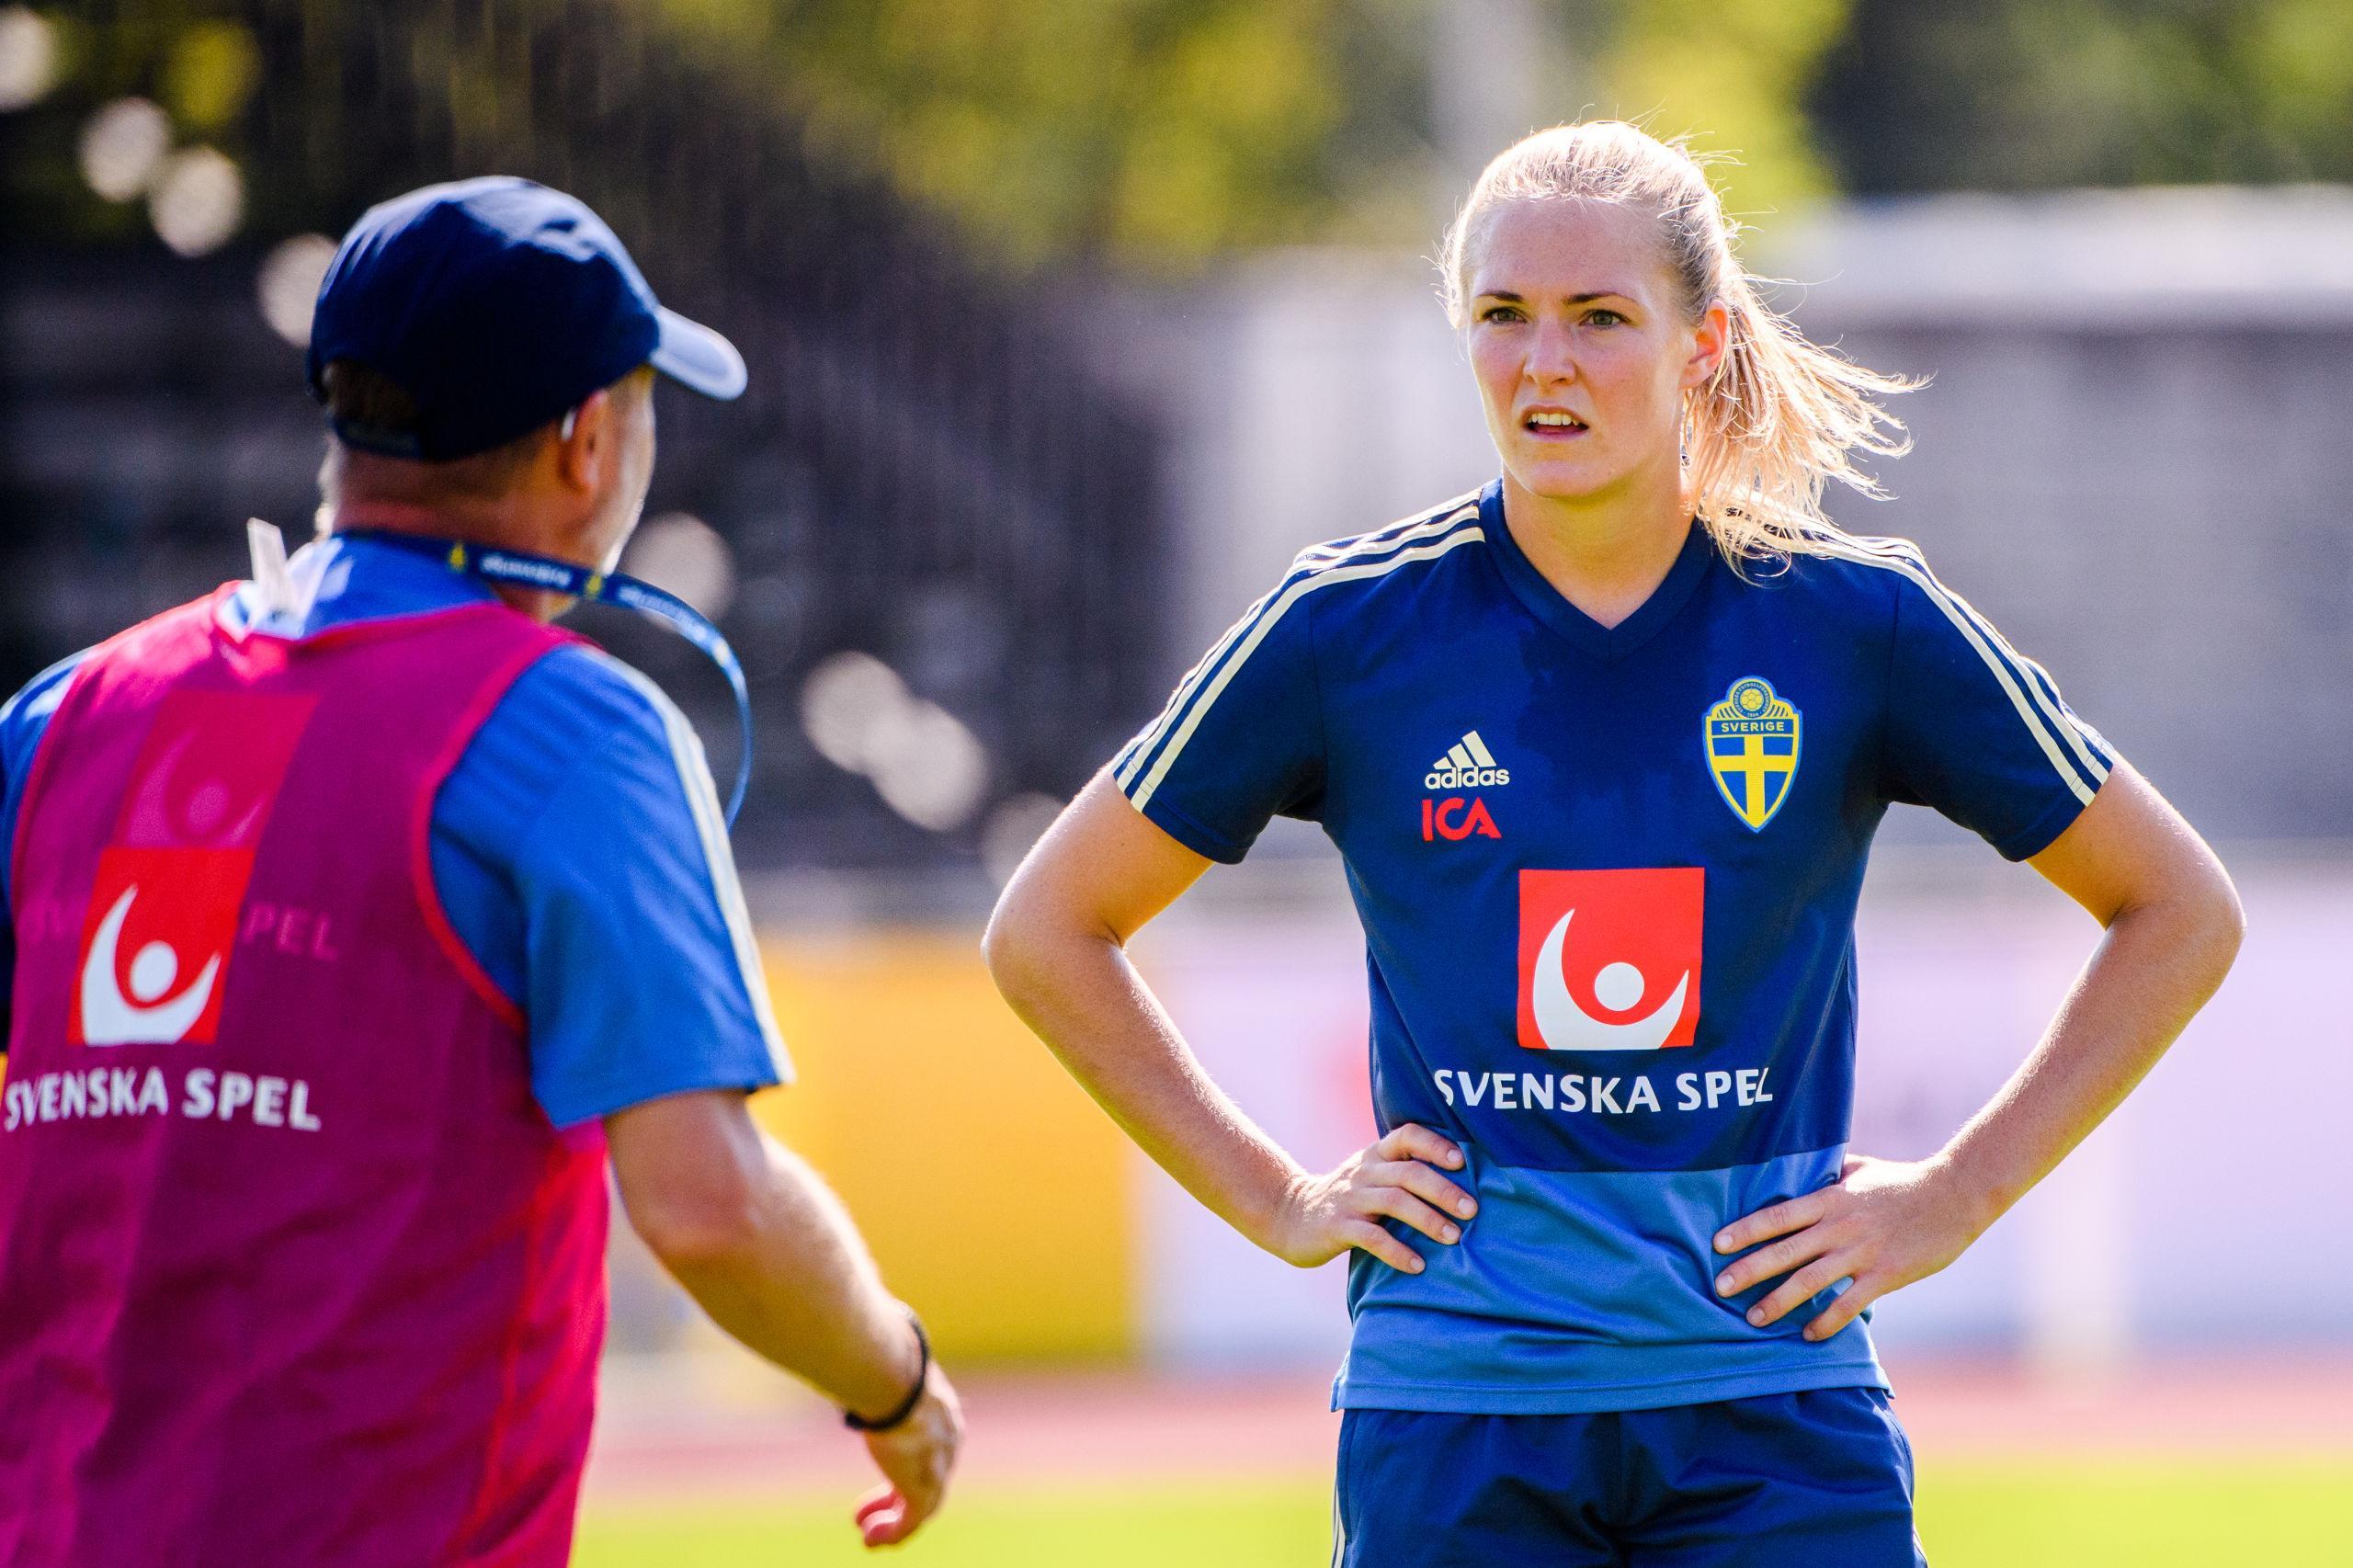 Magdalena Eriksson hemma i Sverige – får inte träna med svenskt lag